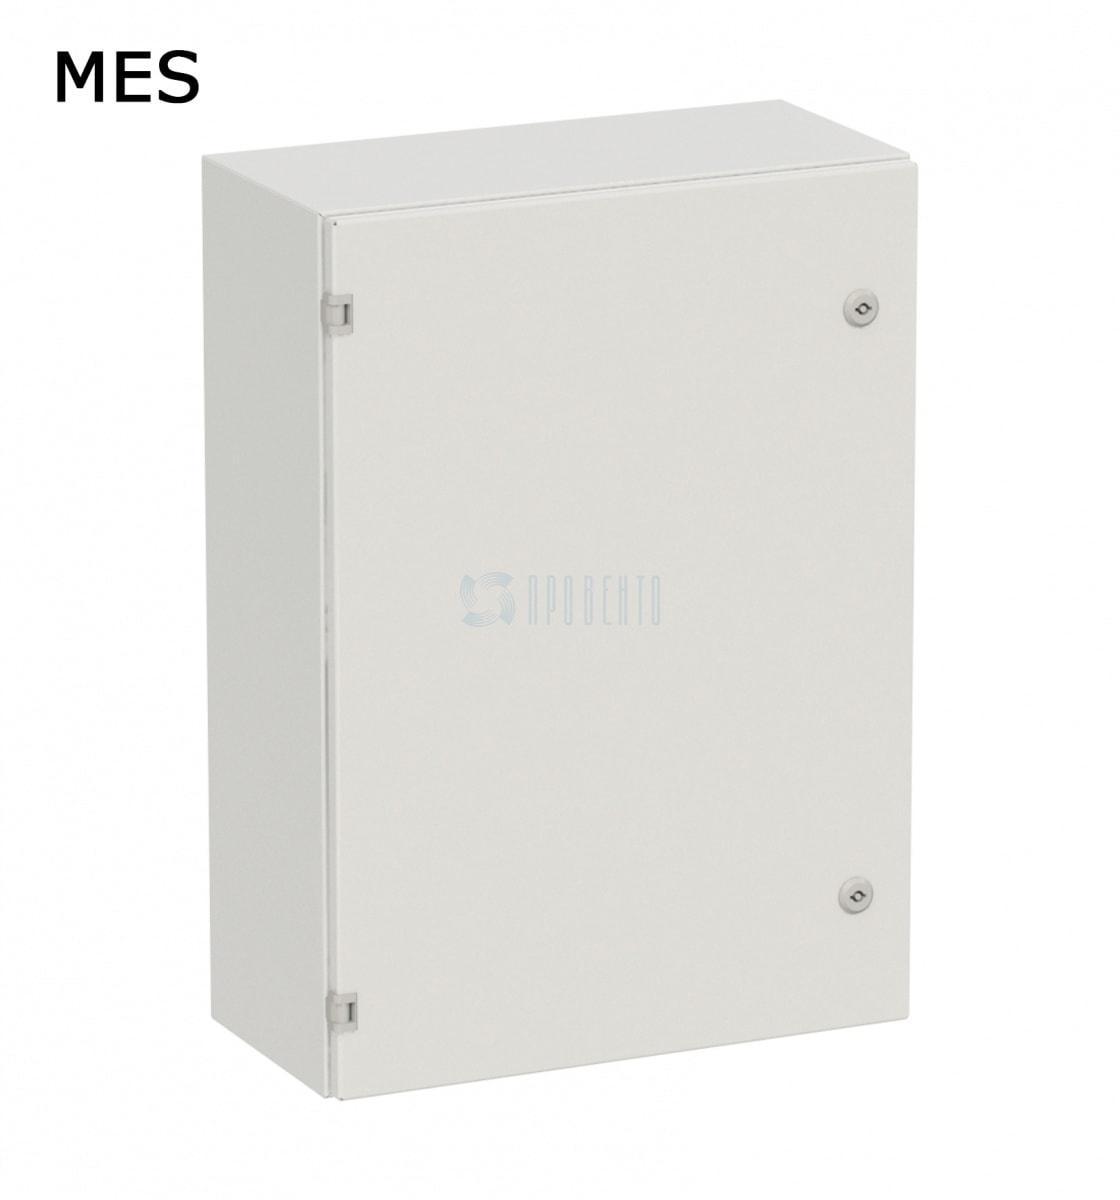 800WX1200HX300D  Настенный шкаф в комплекте с монтажной панелью, IP 66